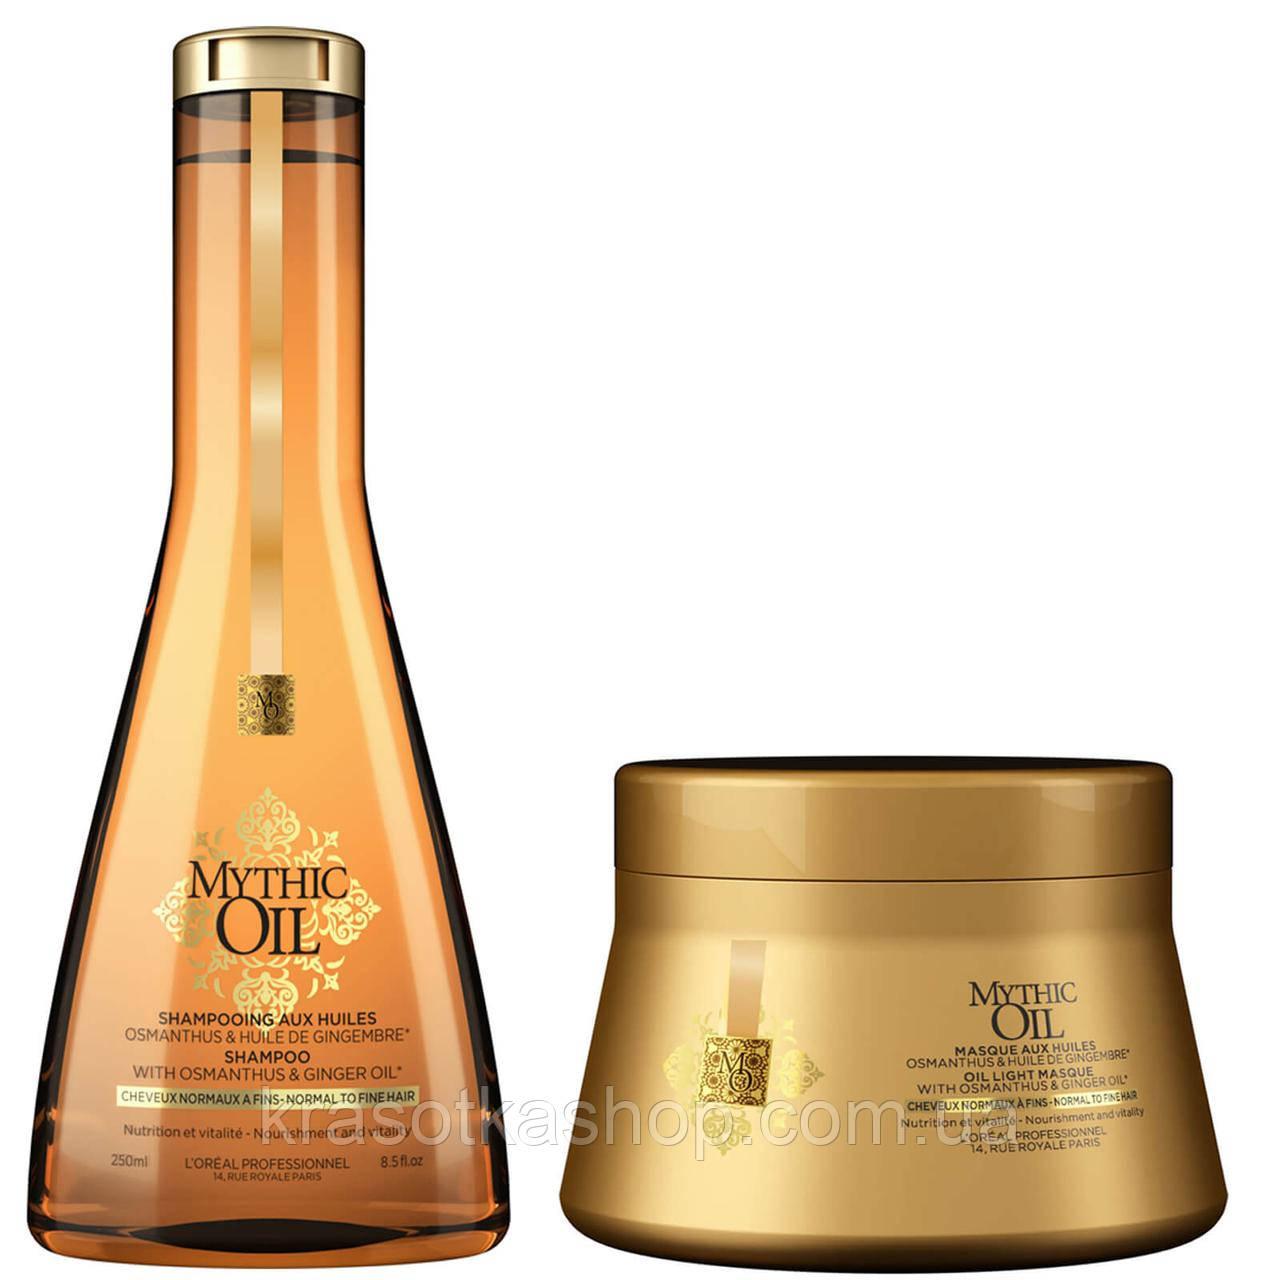 Mythic Oil Shampoo L'Oreal - Питательный шампунь для нормальных и тонких волос 250мл